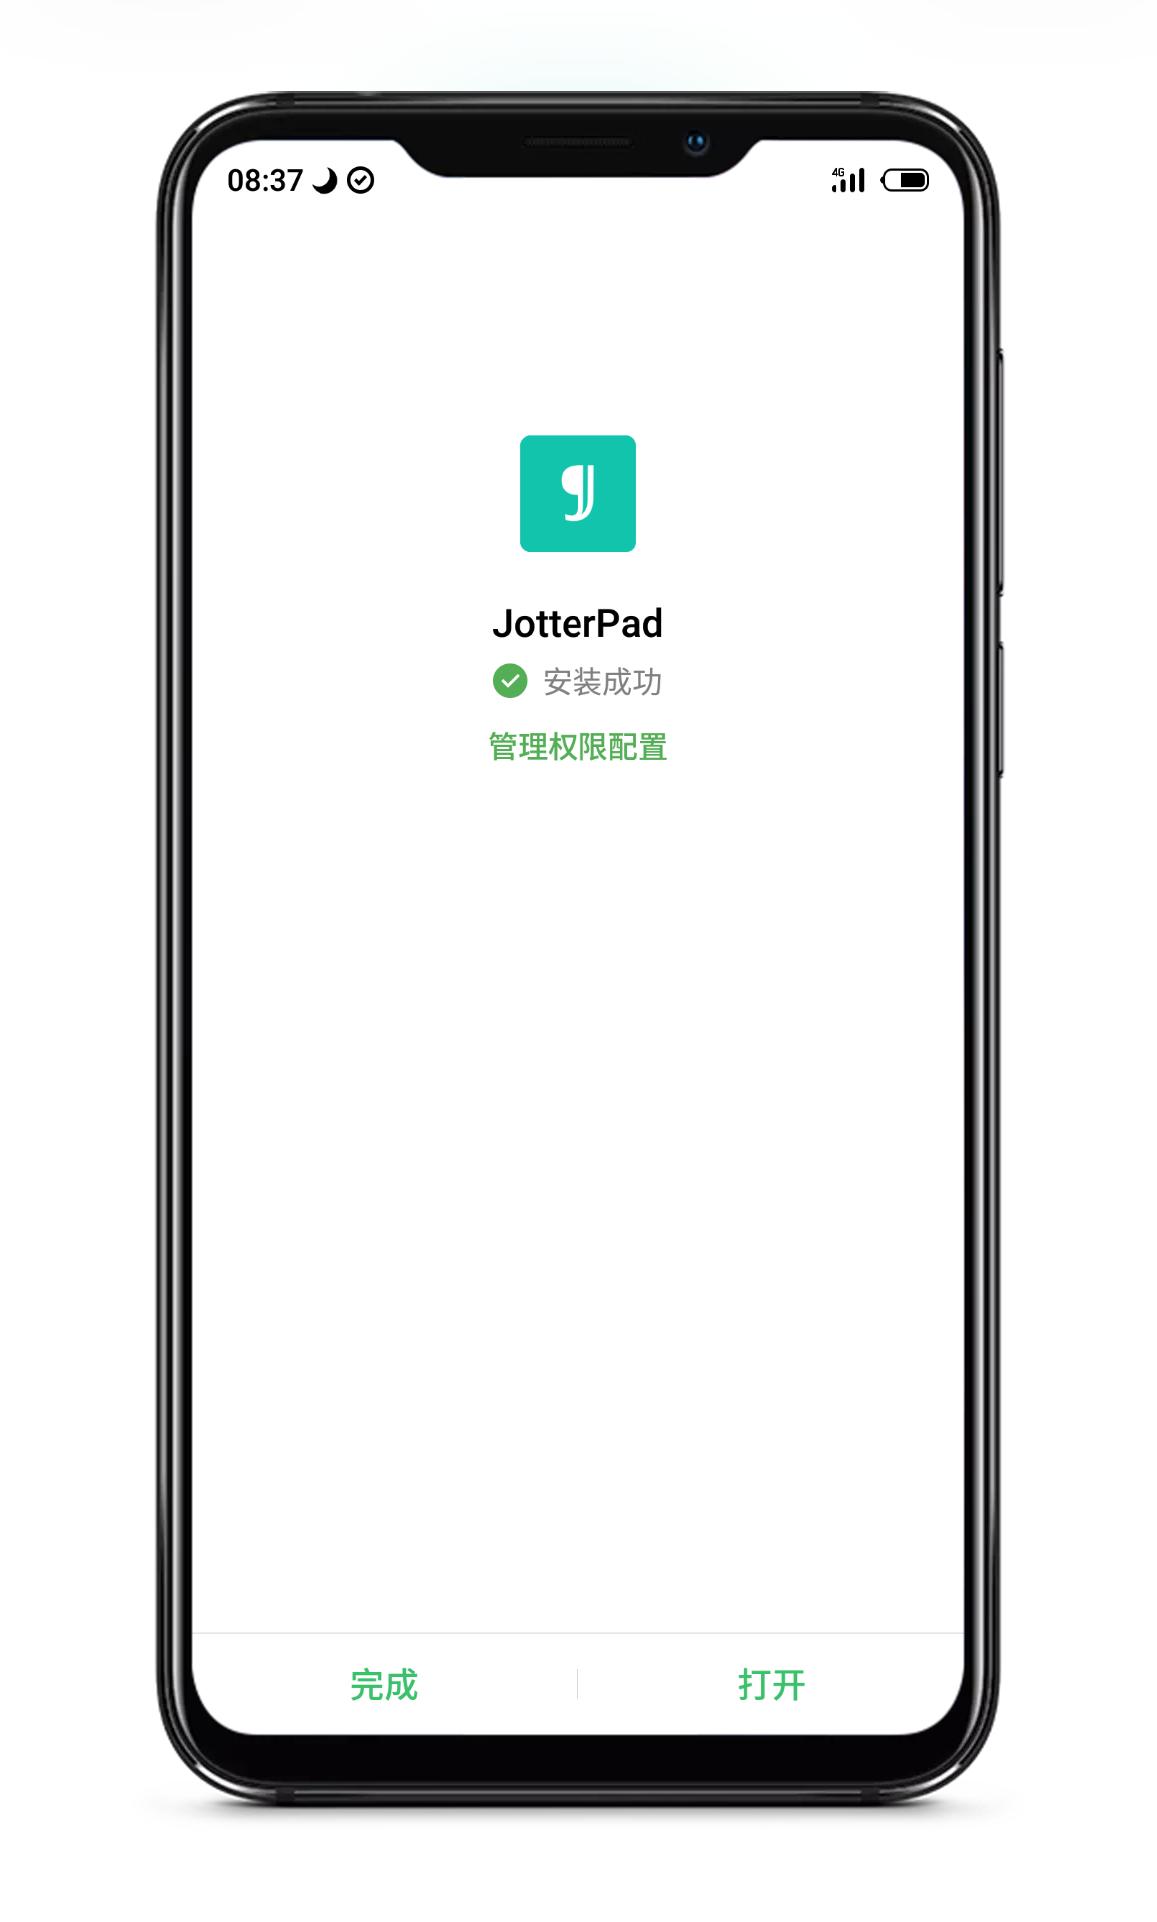 【考核】JotterPad文本编辑器v12.10.1破解版